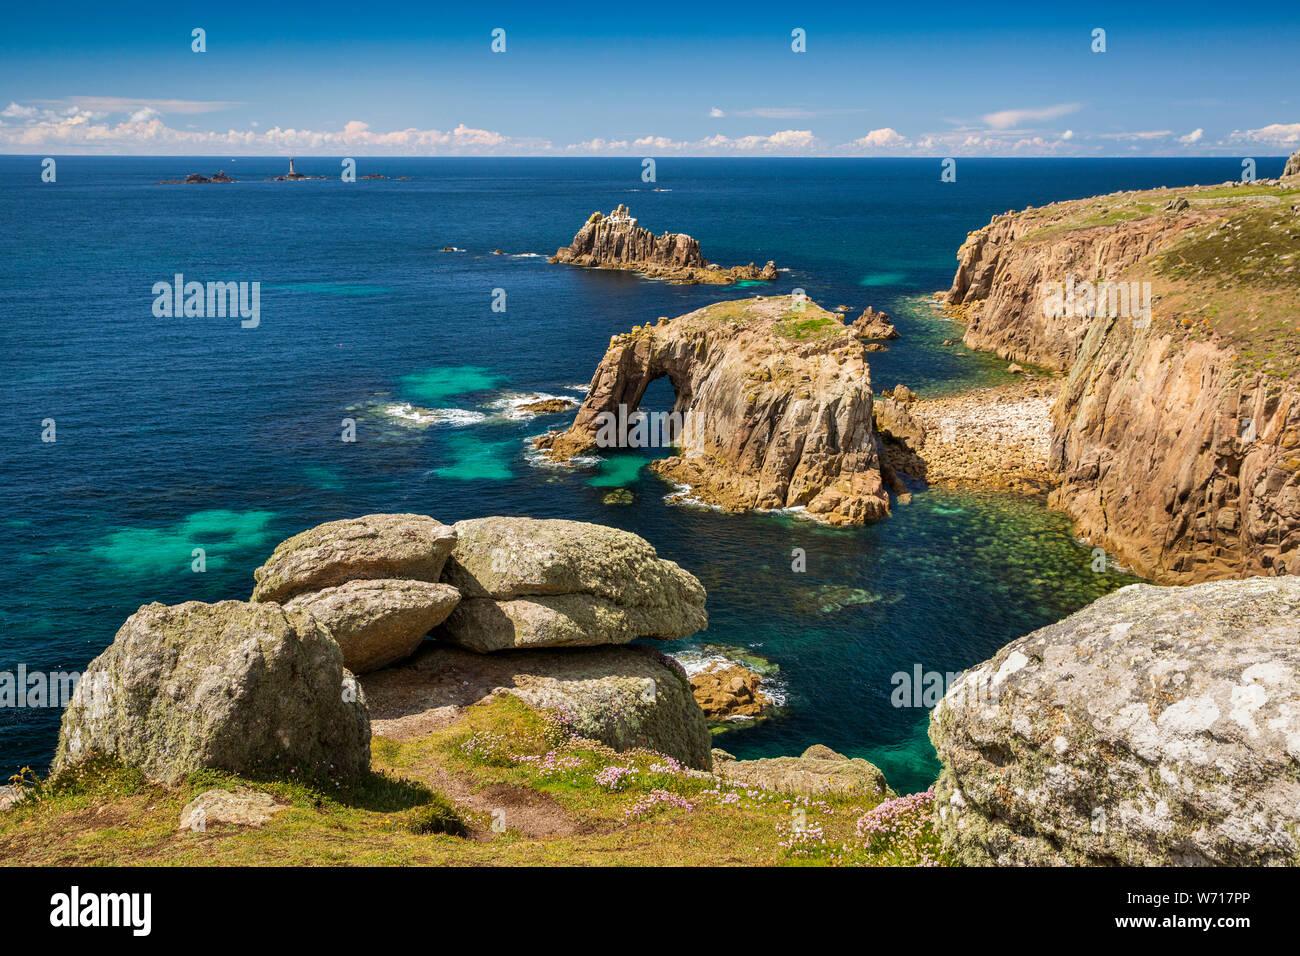 Regno Unito, Inghilterra, Cornwall, Sennen, Land's End, Enys Dodnan island arch e armato cavaliere dal punto Pordenack Foto Stock